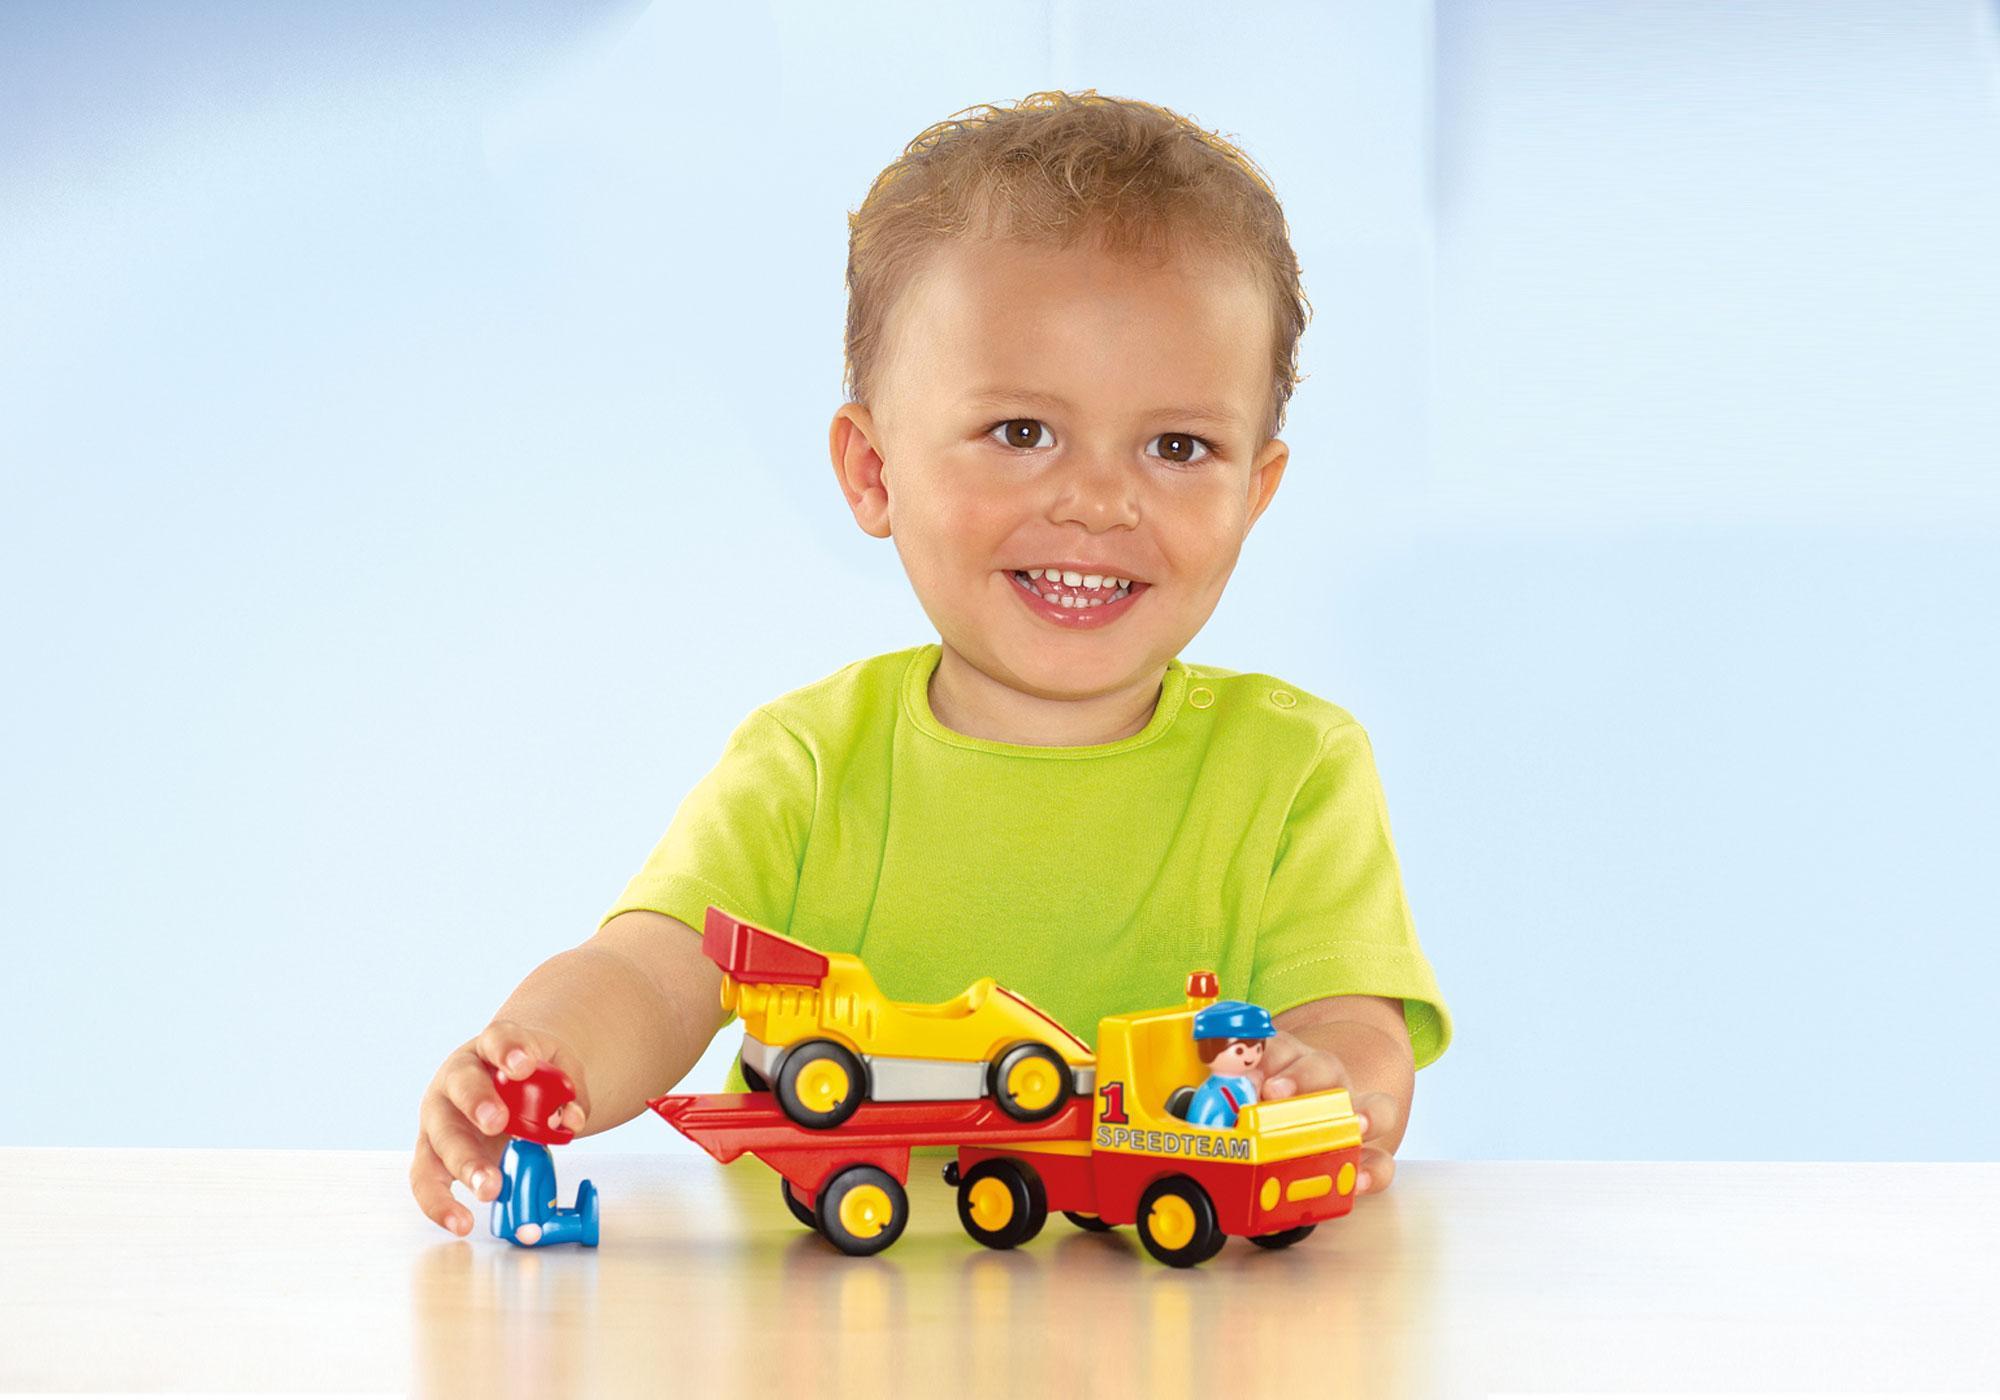 http://media.playmobil.com/i/playmobil/6761_product_extra1/Racing Car with Transporter